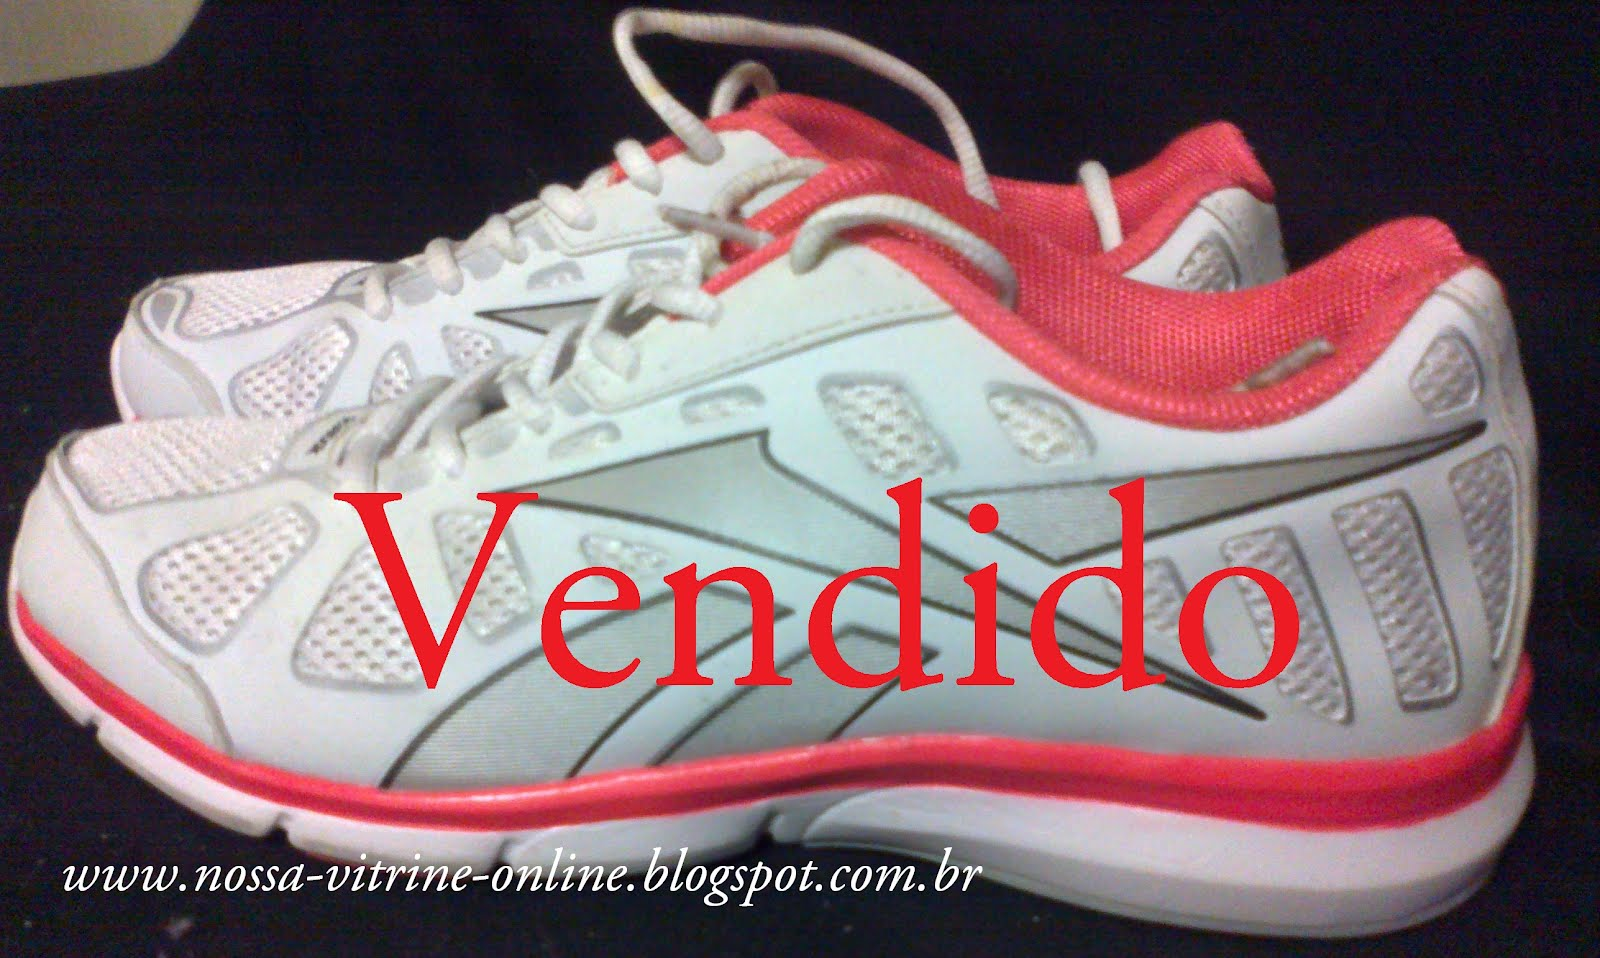 Tenis online